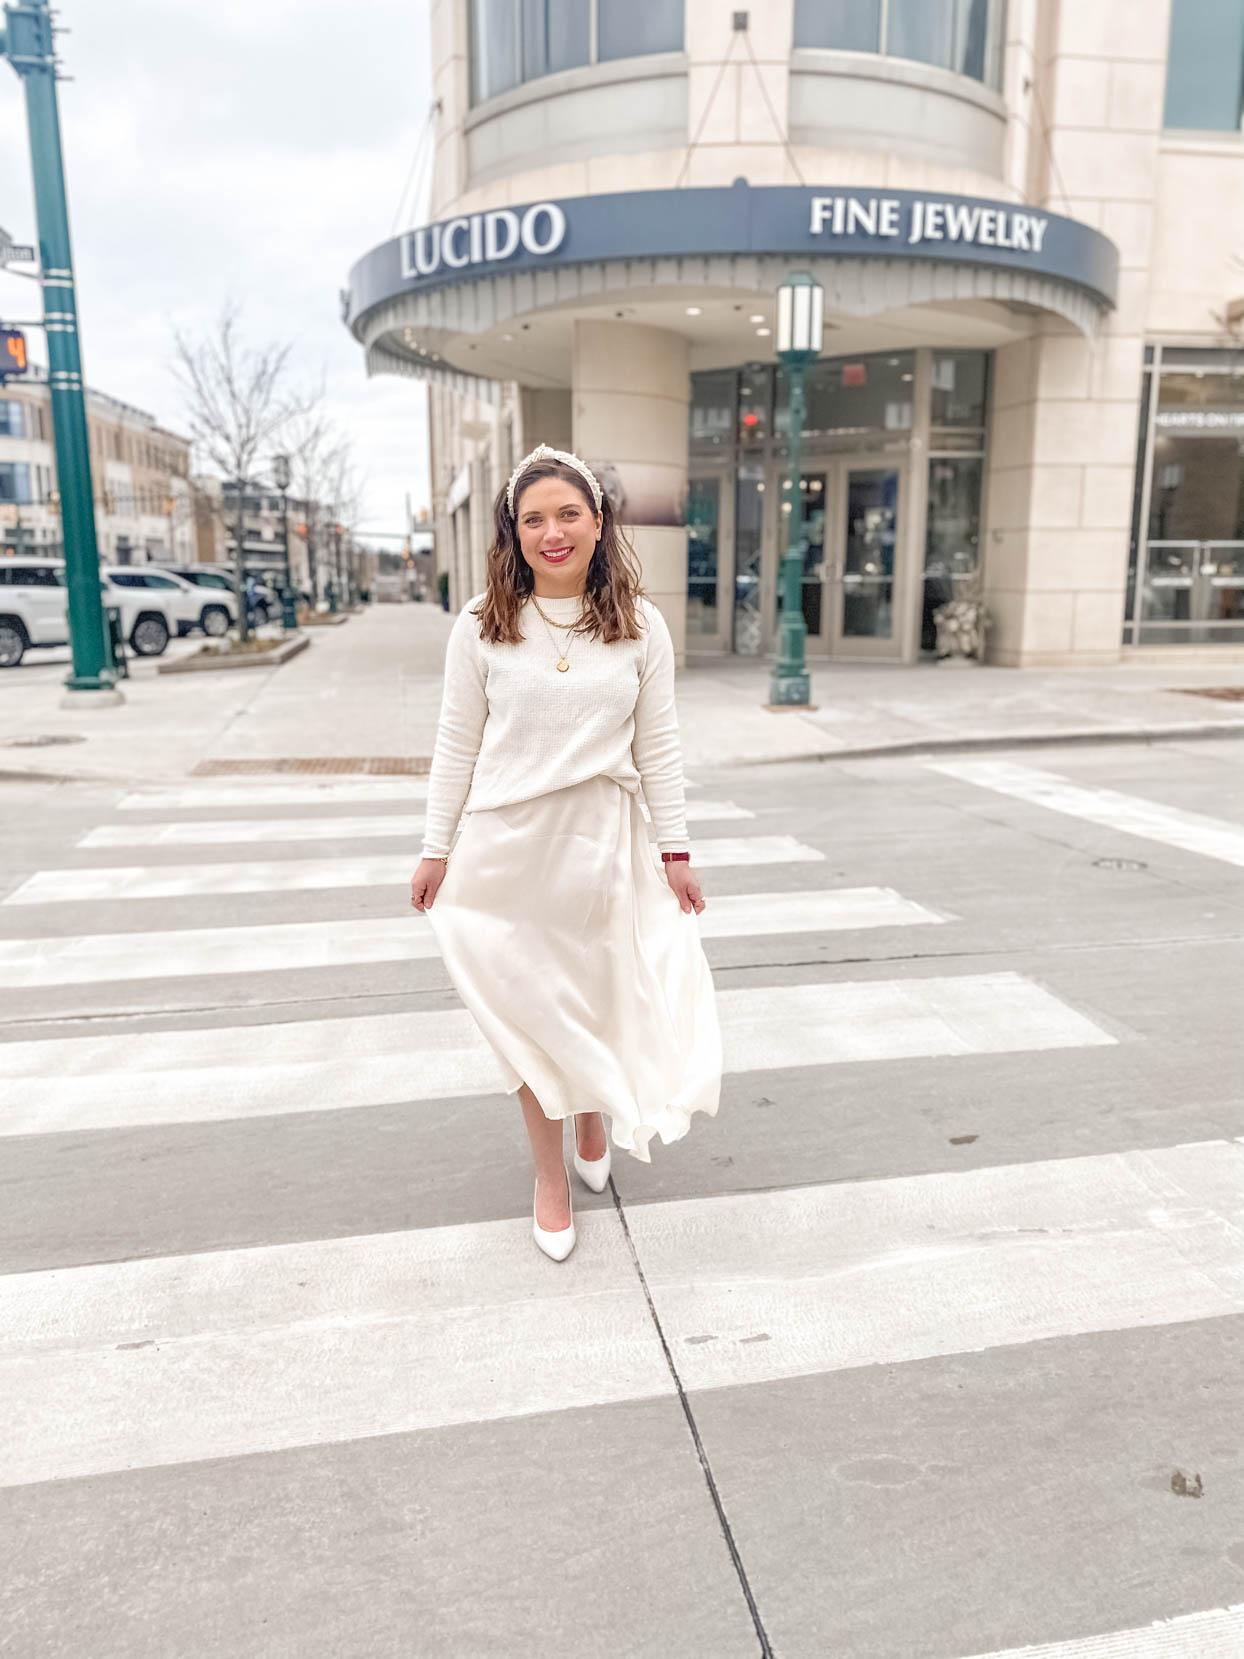 Winter White: Cream Sweater and Silk Skirt